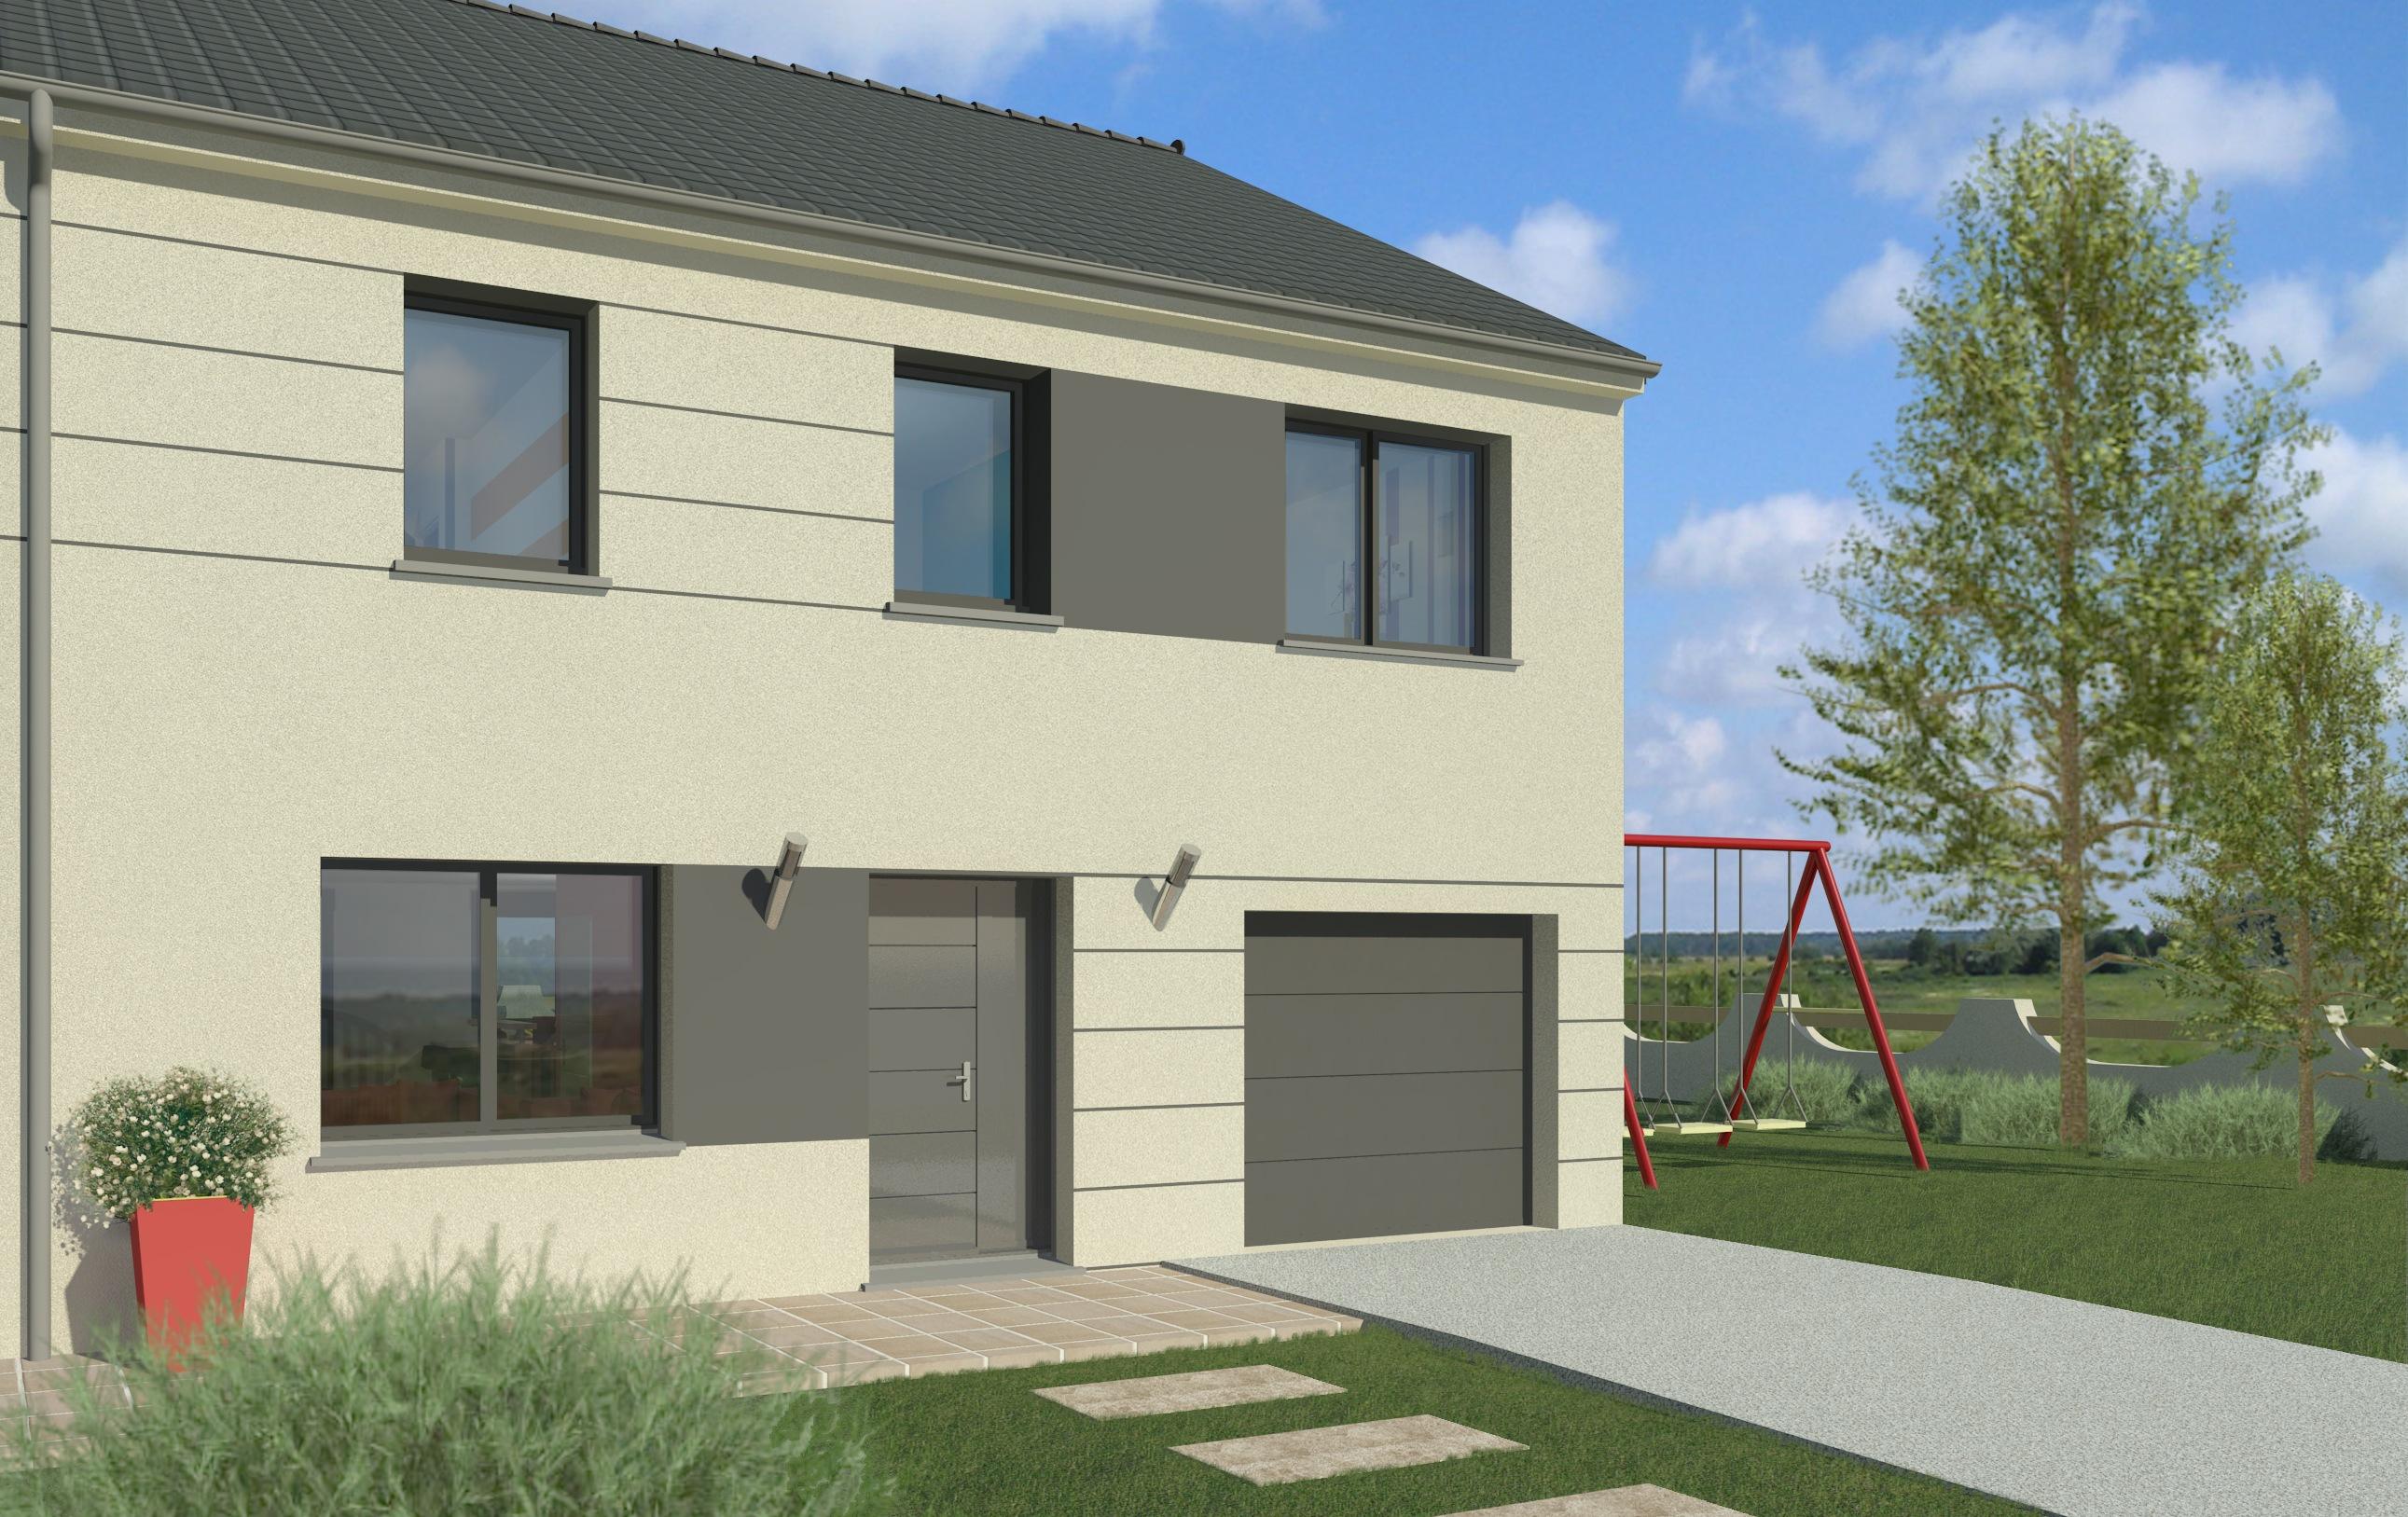 Maisons + Terrains du constructeur MAISON FAMILIALE • 130 m² • CHATEAUNEUF SUR LOIRE